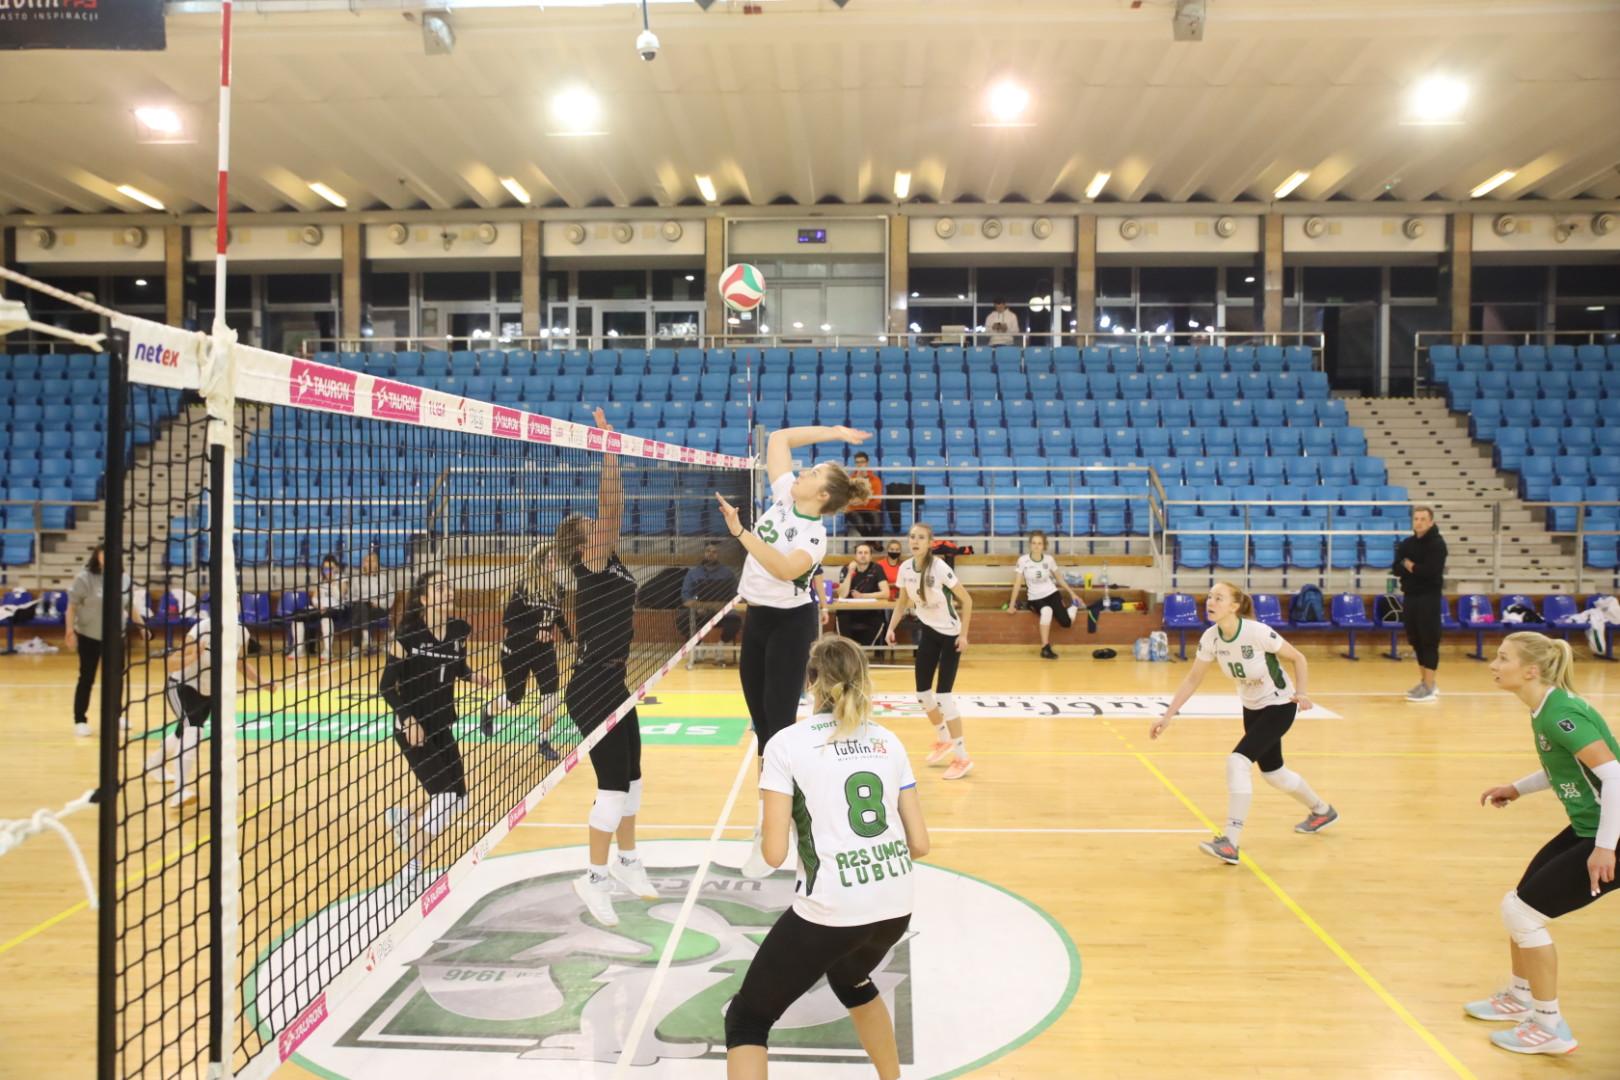 AZS UMCS Lublin vs Jedynka Tarnów 3-1